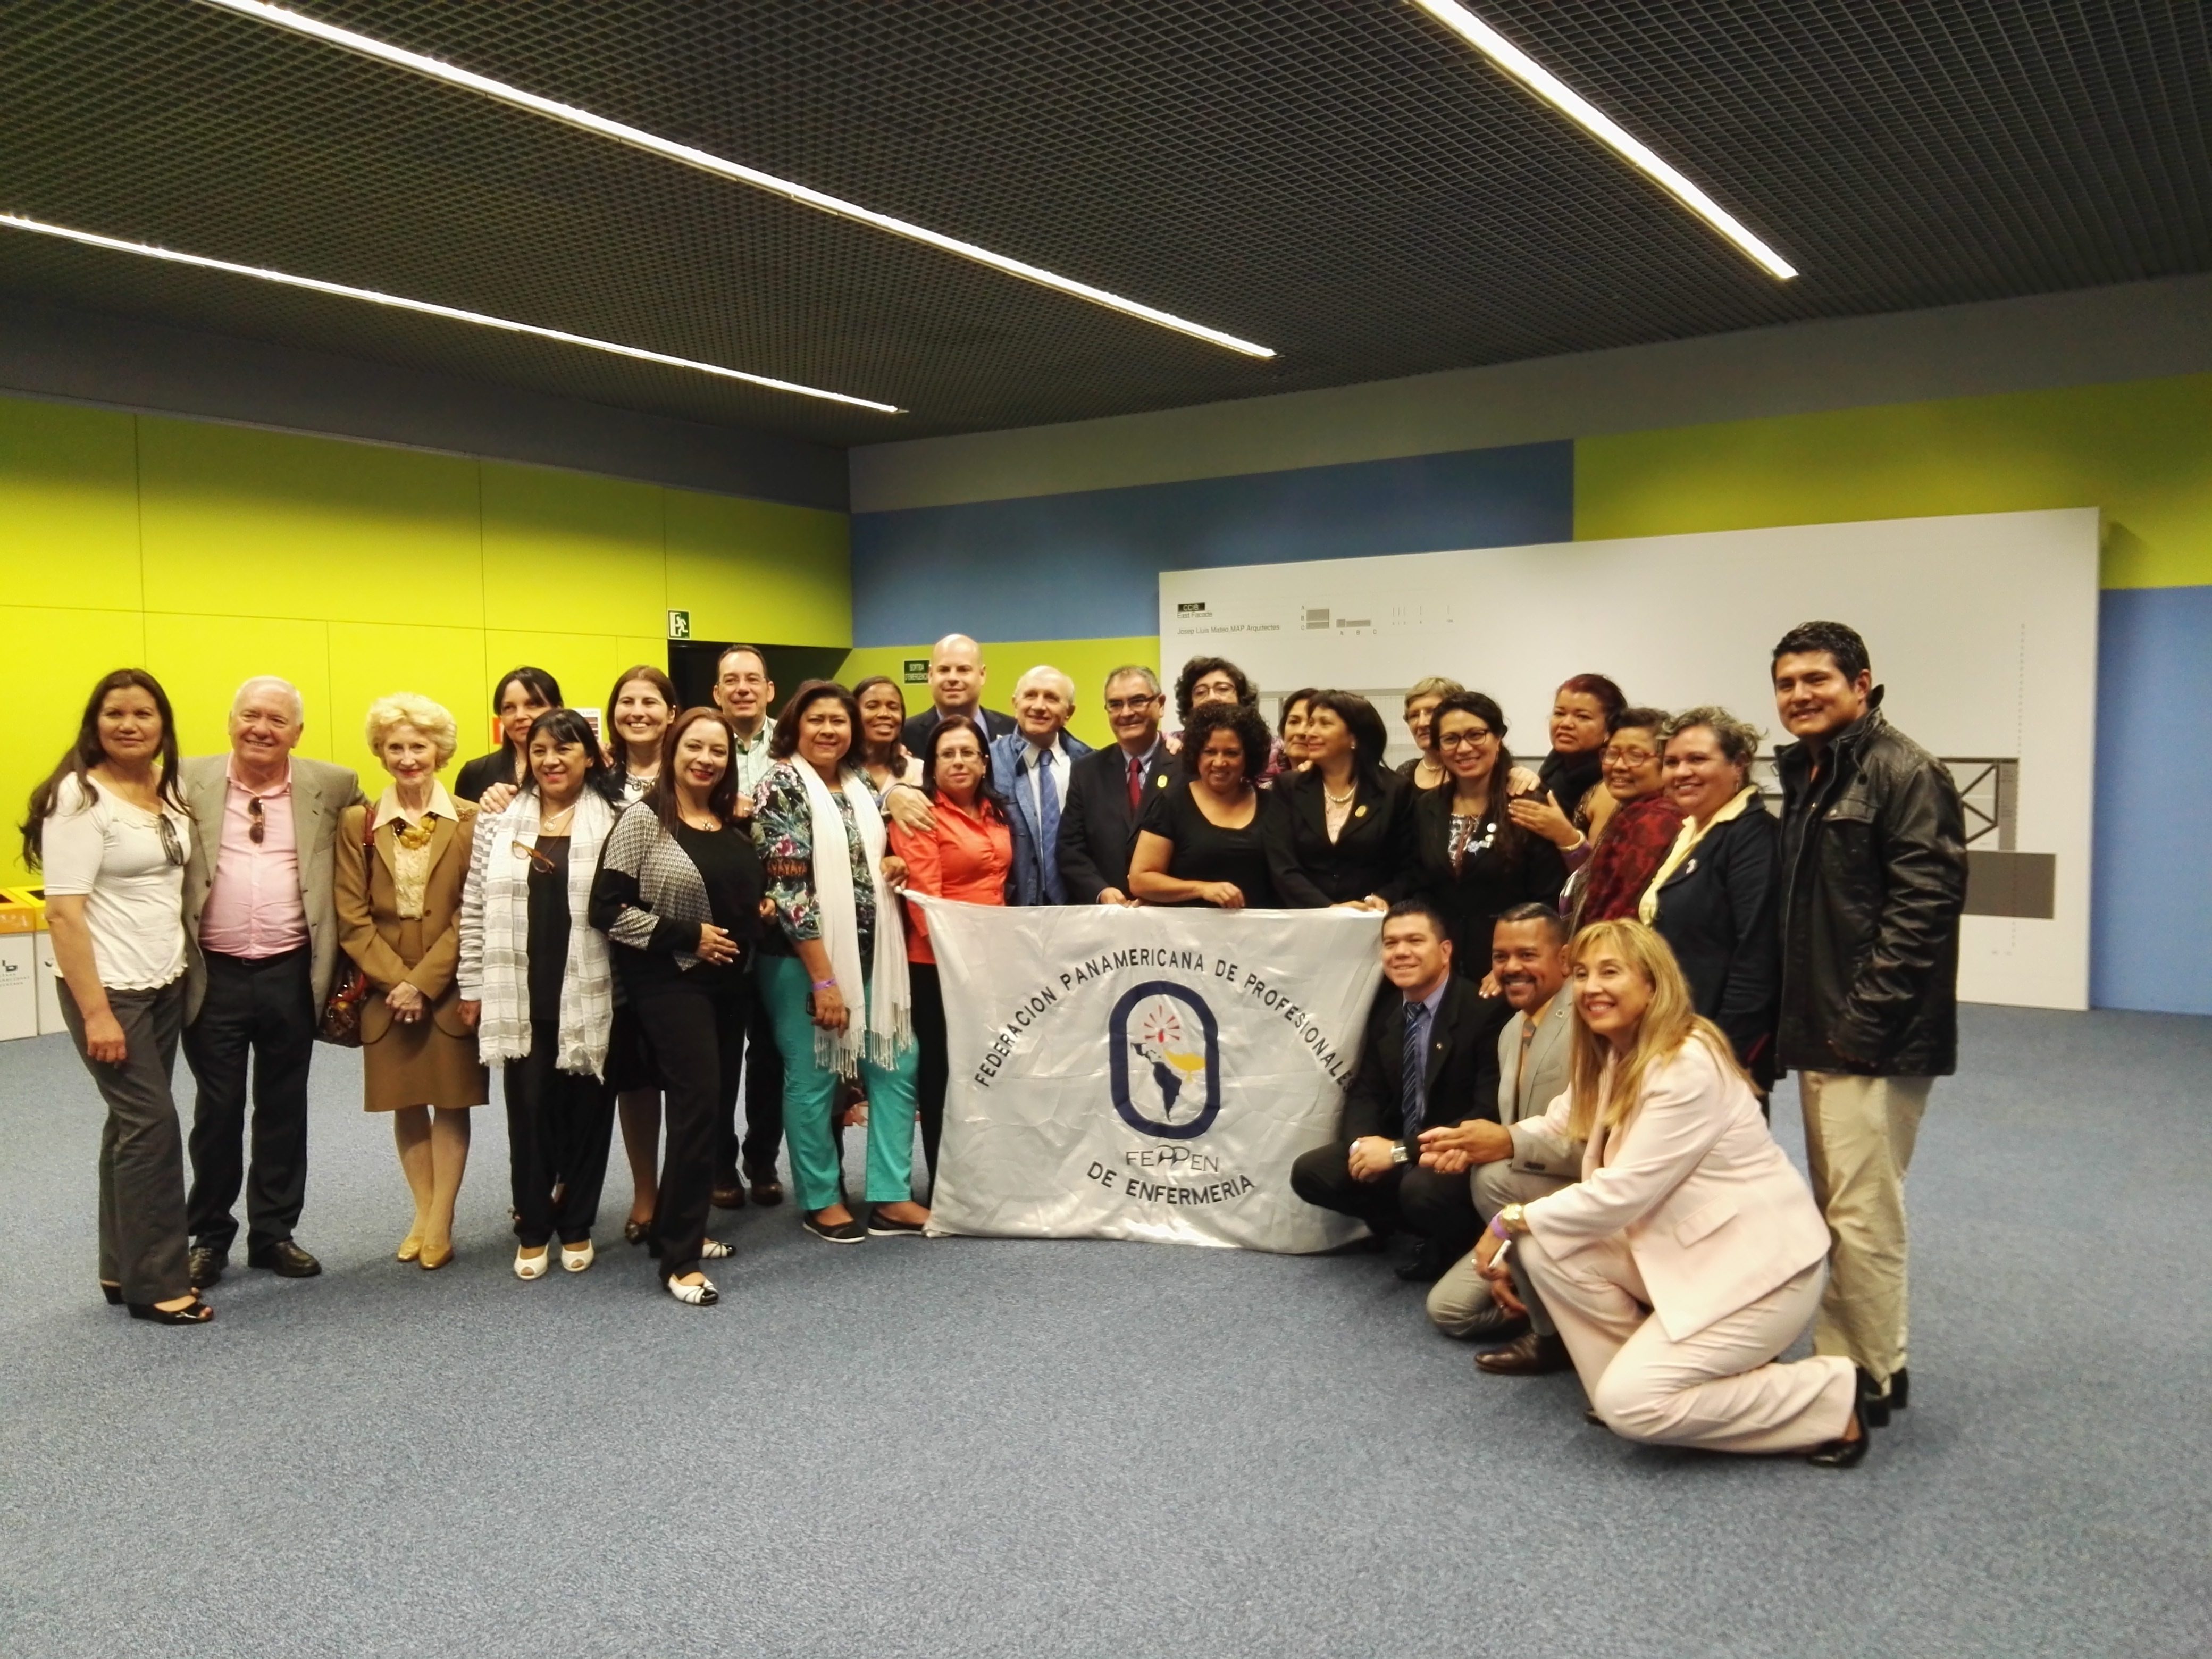 La enfermería de América Latina multiplica por diez su asistencia a un Congreso Internacional en Barcelona 2017